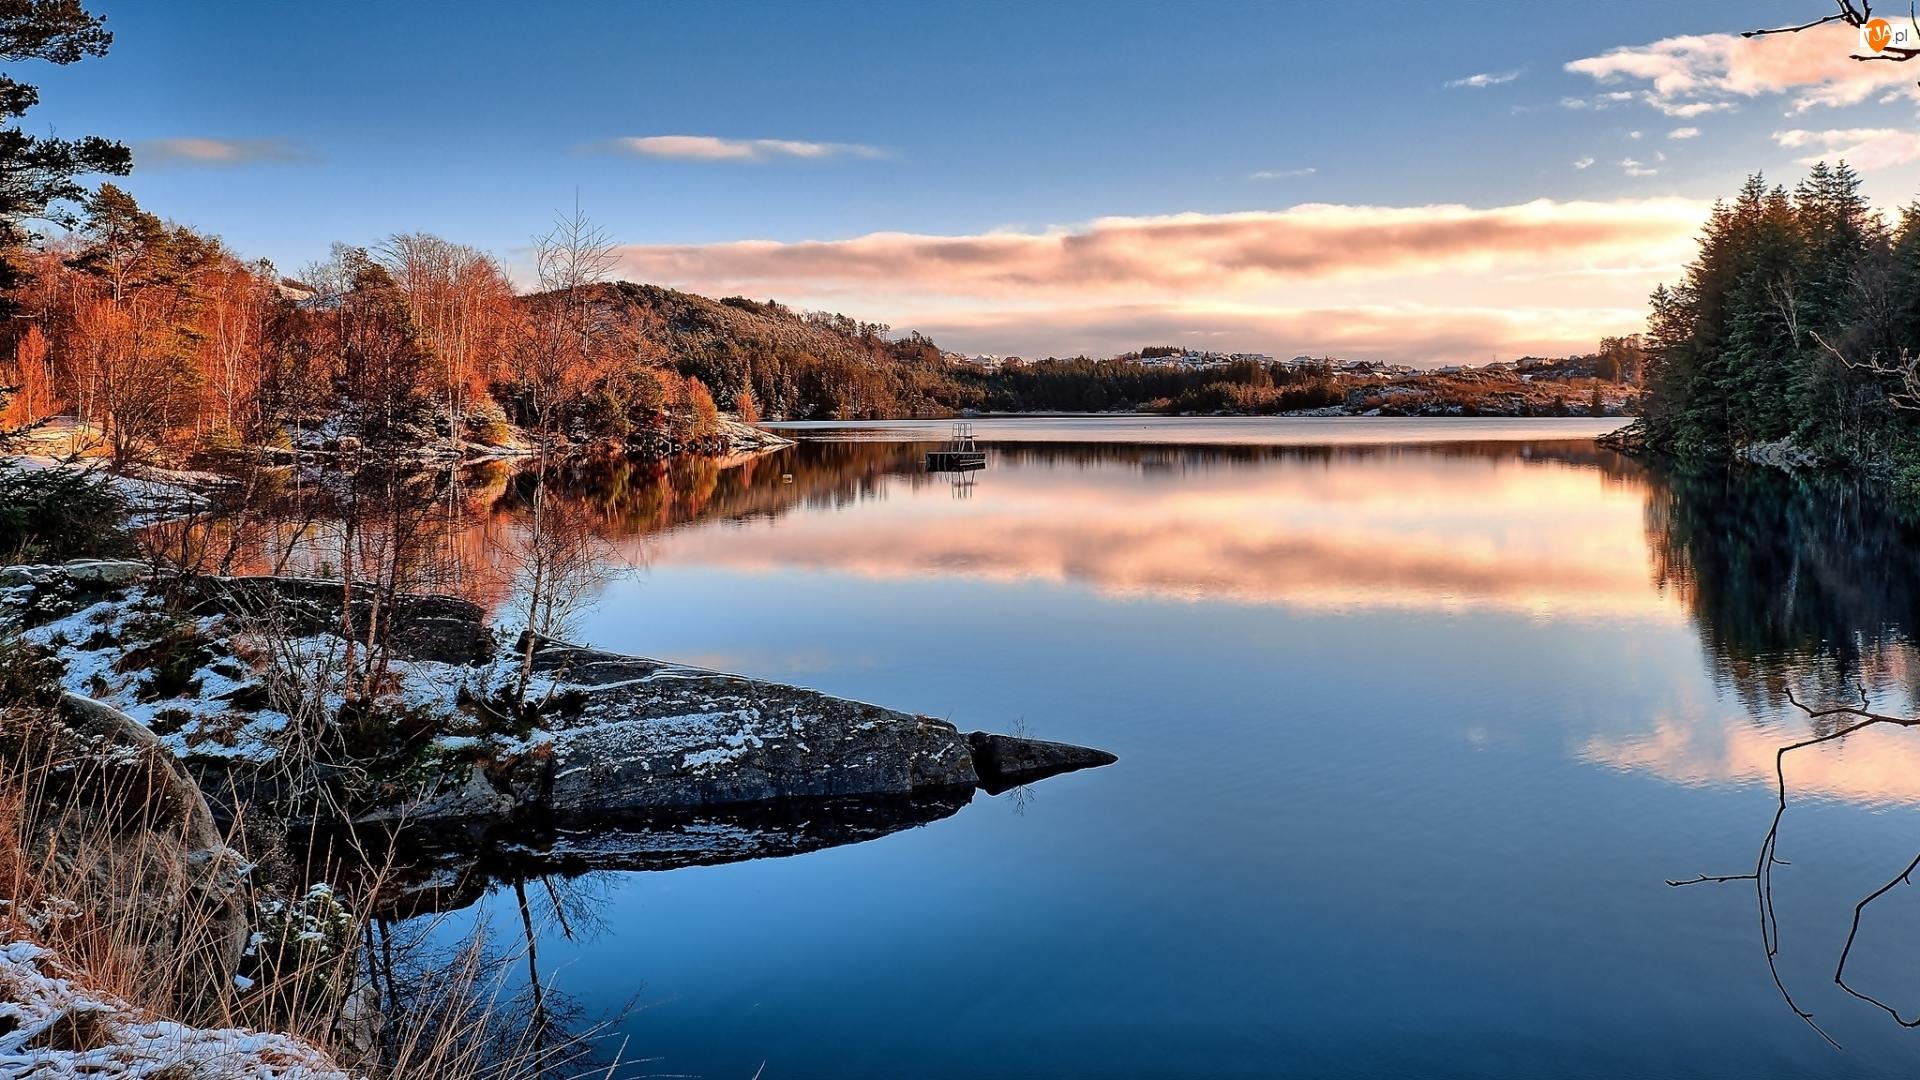 Wzgórza, Jezioro, Drzewa, Jesień